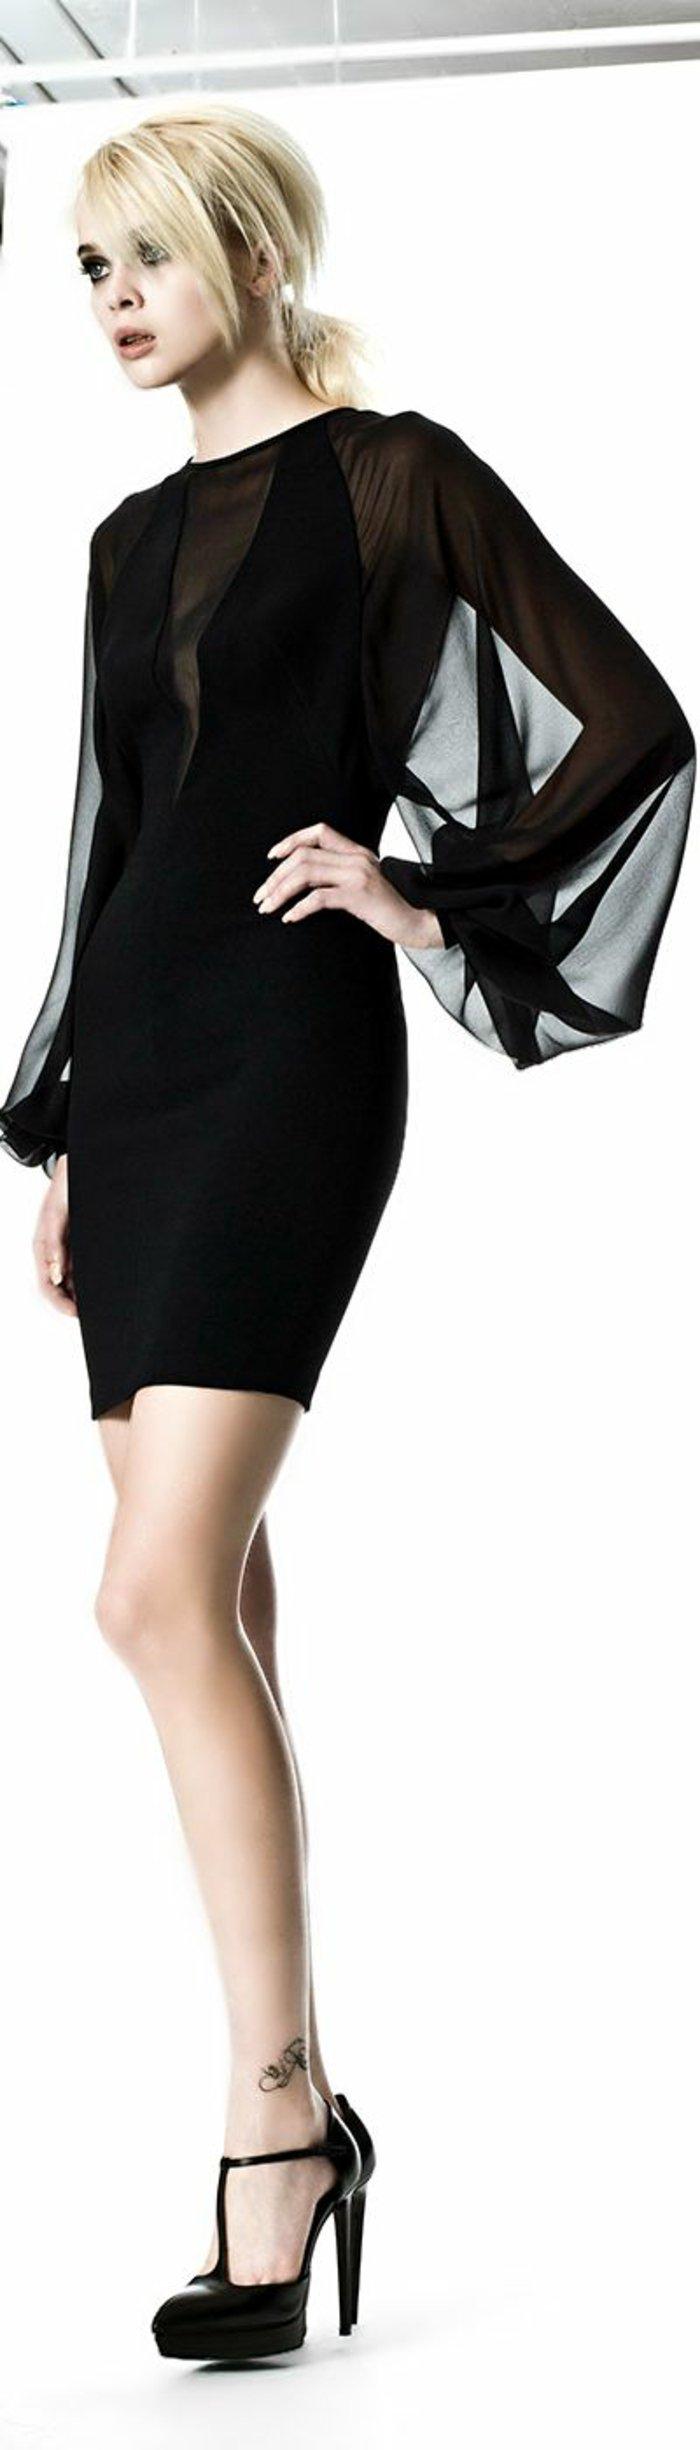 abendkleider-mit-ärmel-abendkleider-kurz-elegant-schwarz